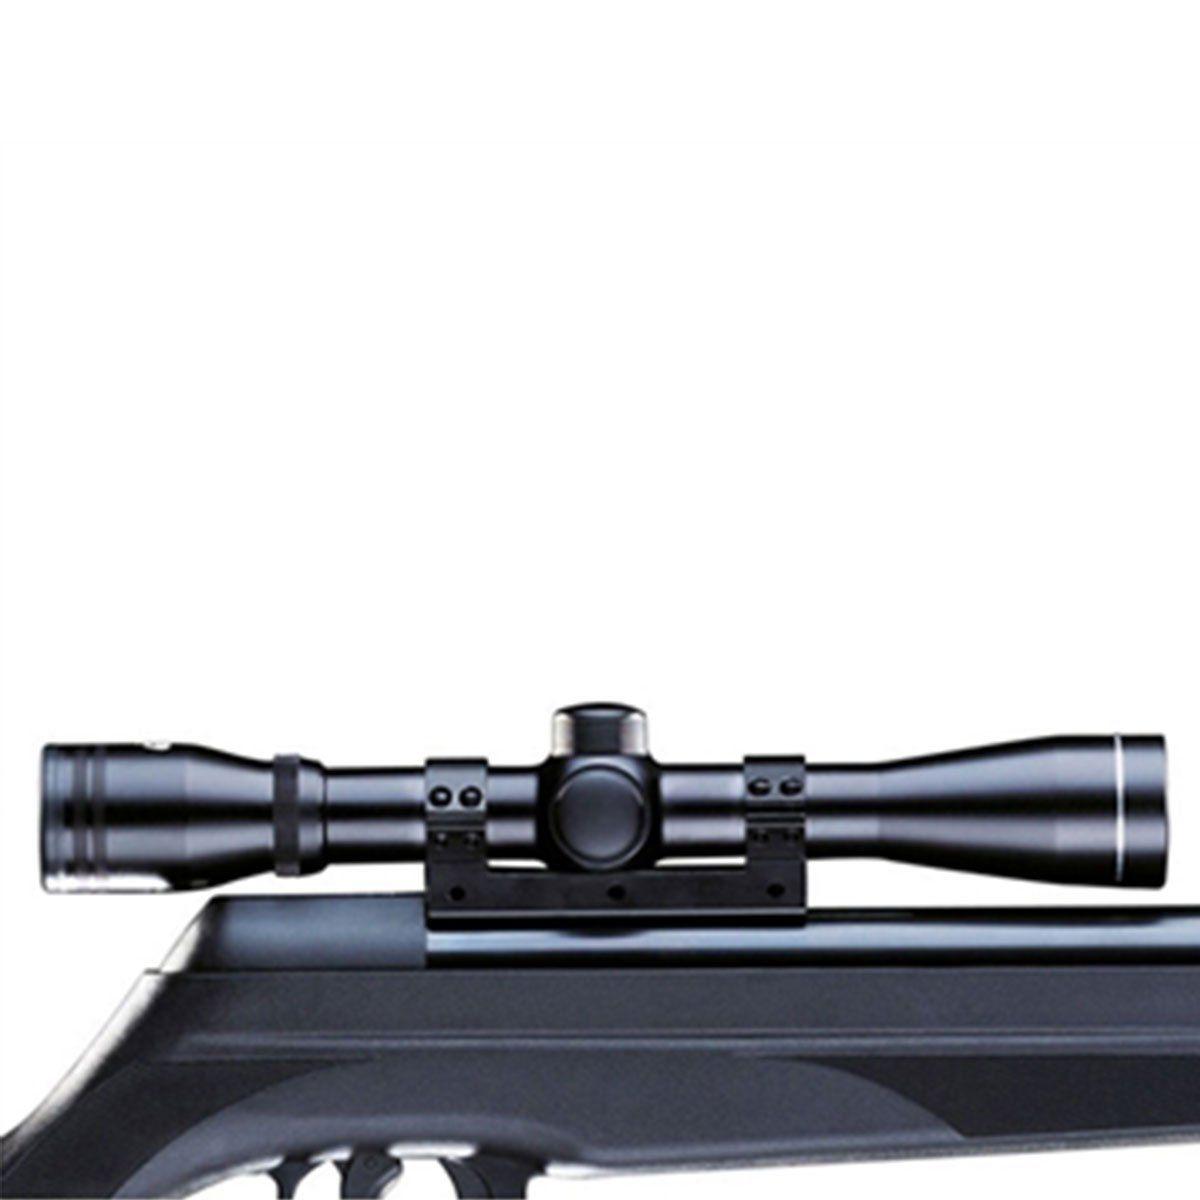 Carabina de Pressao CBC Nitro 800 Oxid 5,5 mm  Luneta 4X32